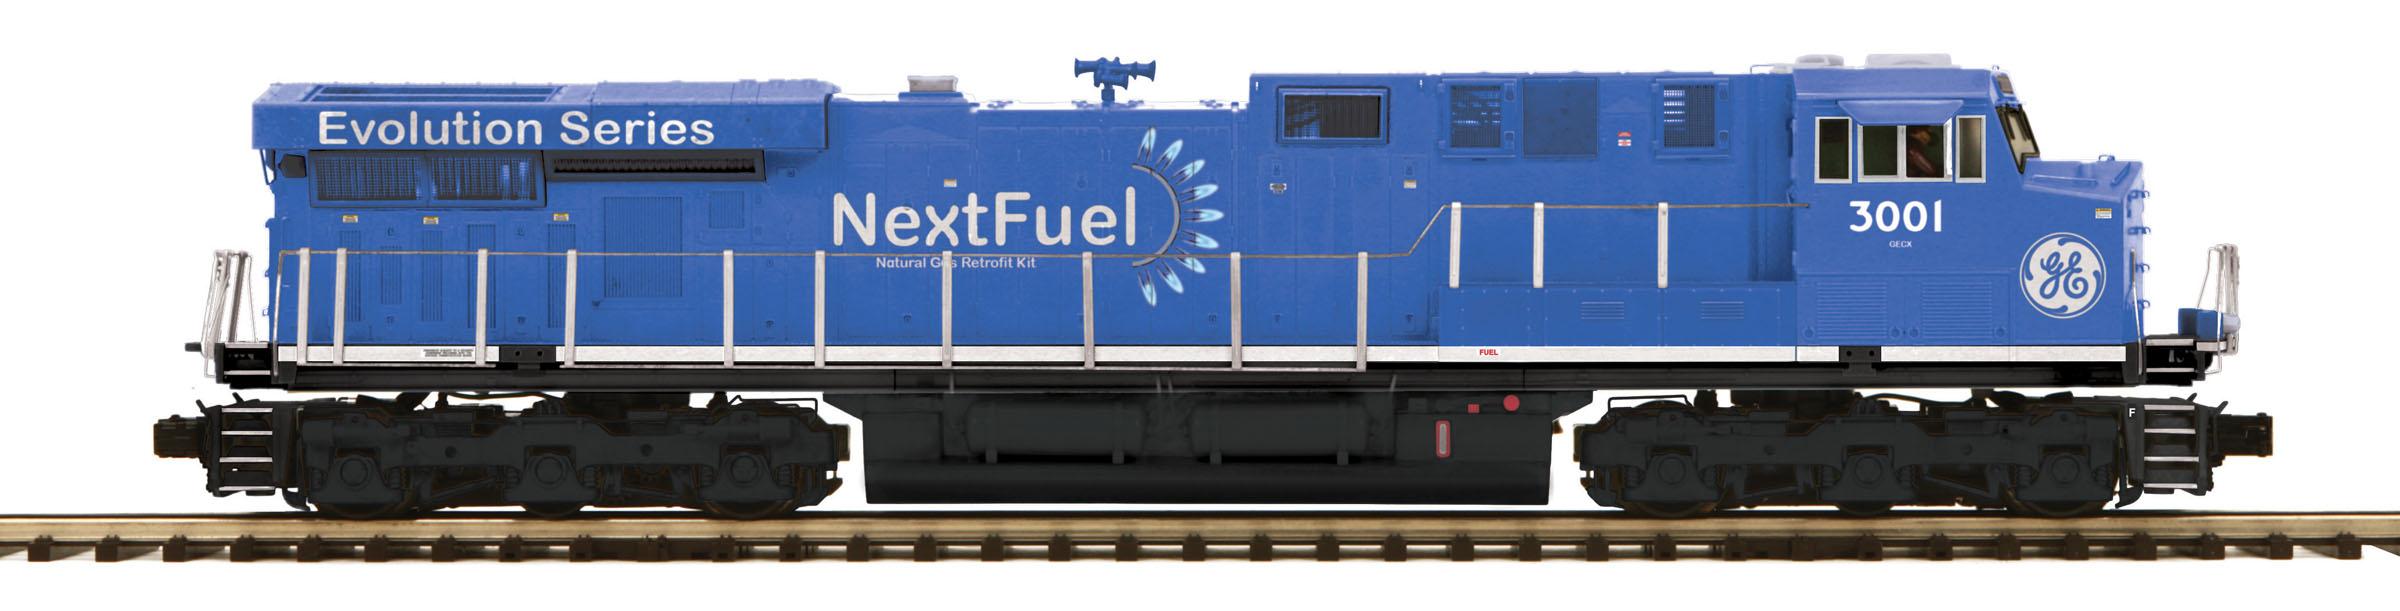 GE Next Fuel